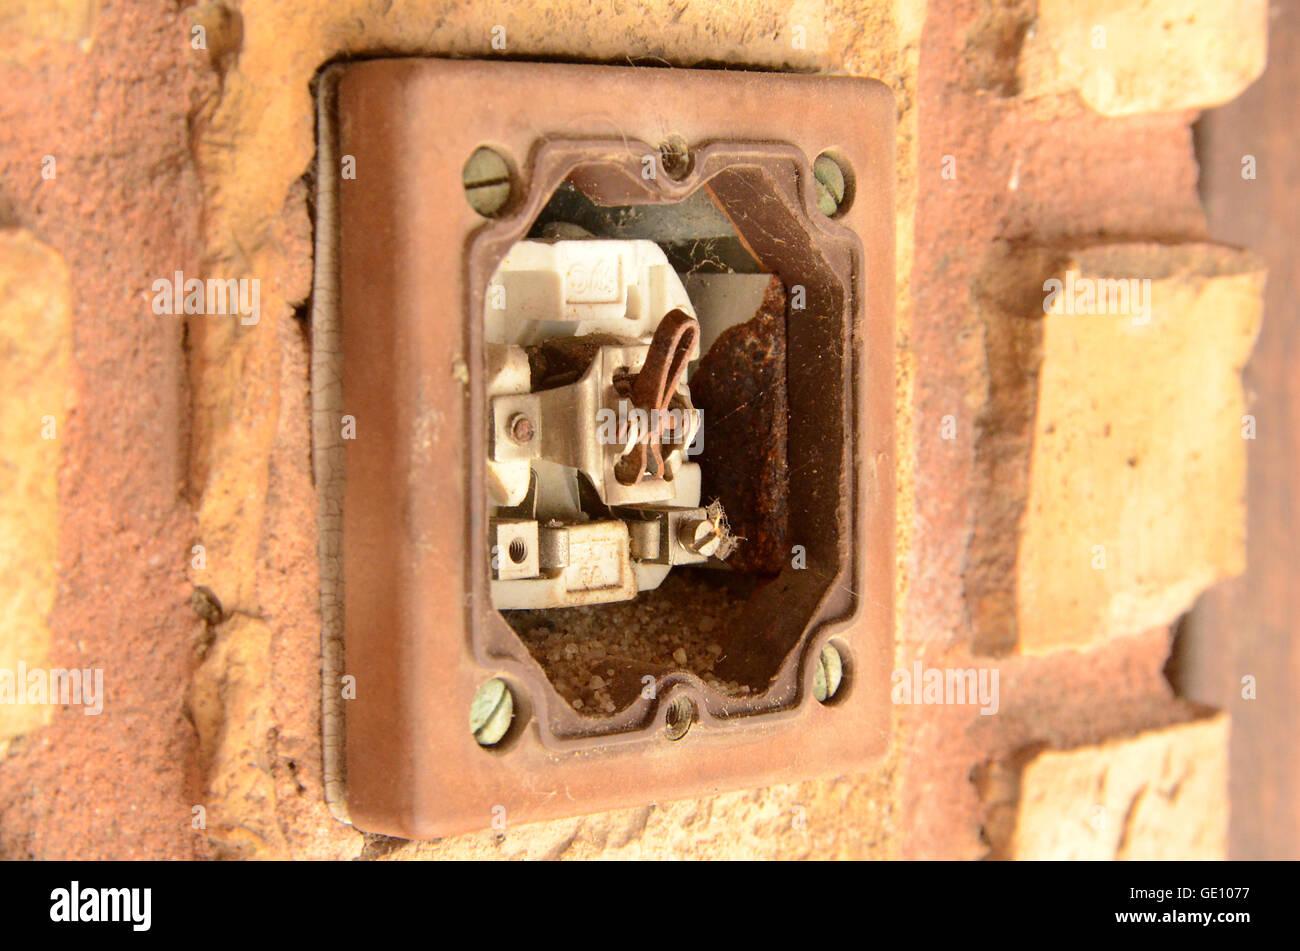 Guasto interruttore di luce che farà sì che il pericolo di scosse elettriche. Questo interruttore si trova Immagini Stock